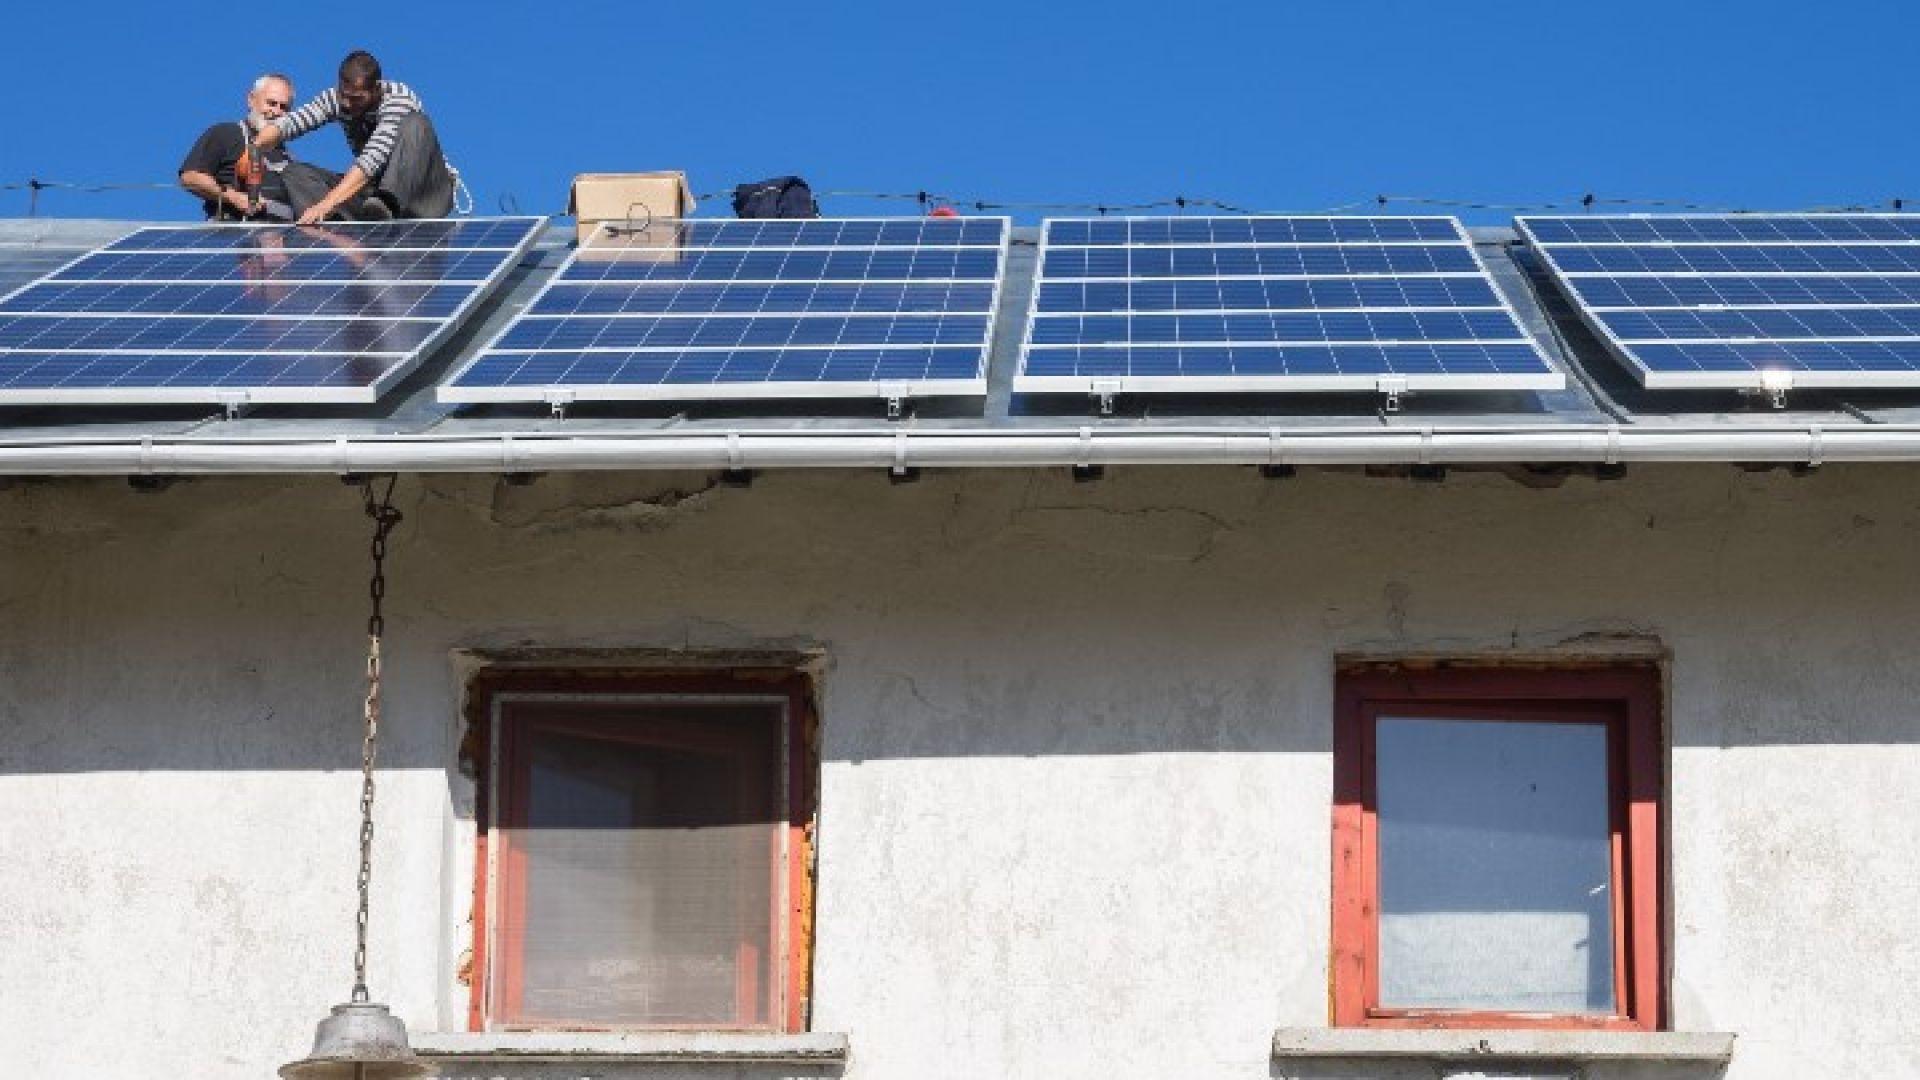 Новата соларна енергия вече конкурентна на въглищата и газа